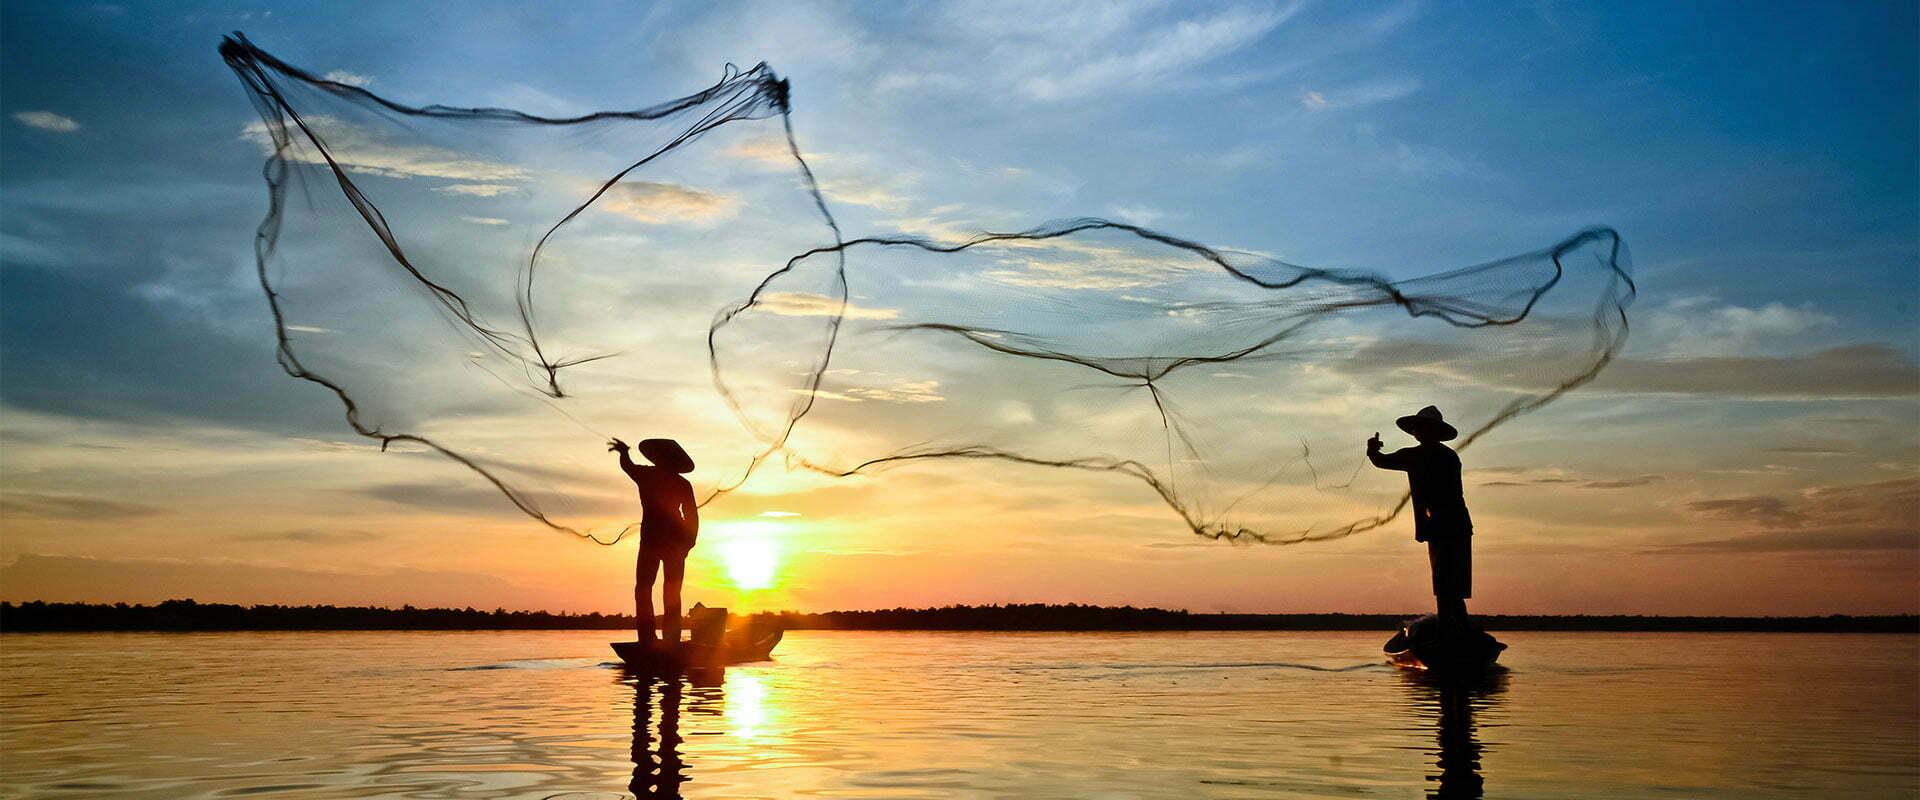 Pêcheurs lançant leurs filets au lever du soleil